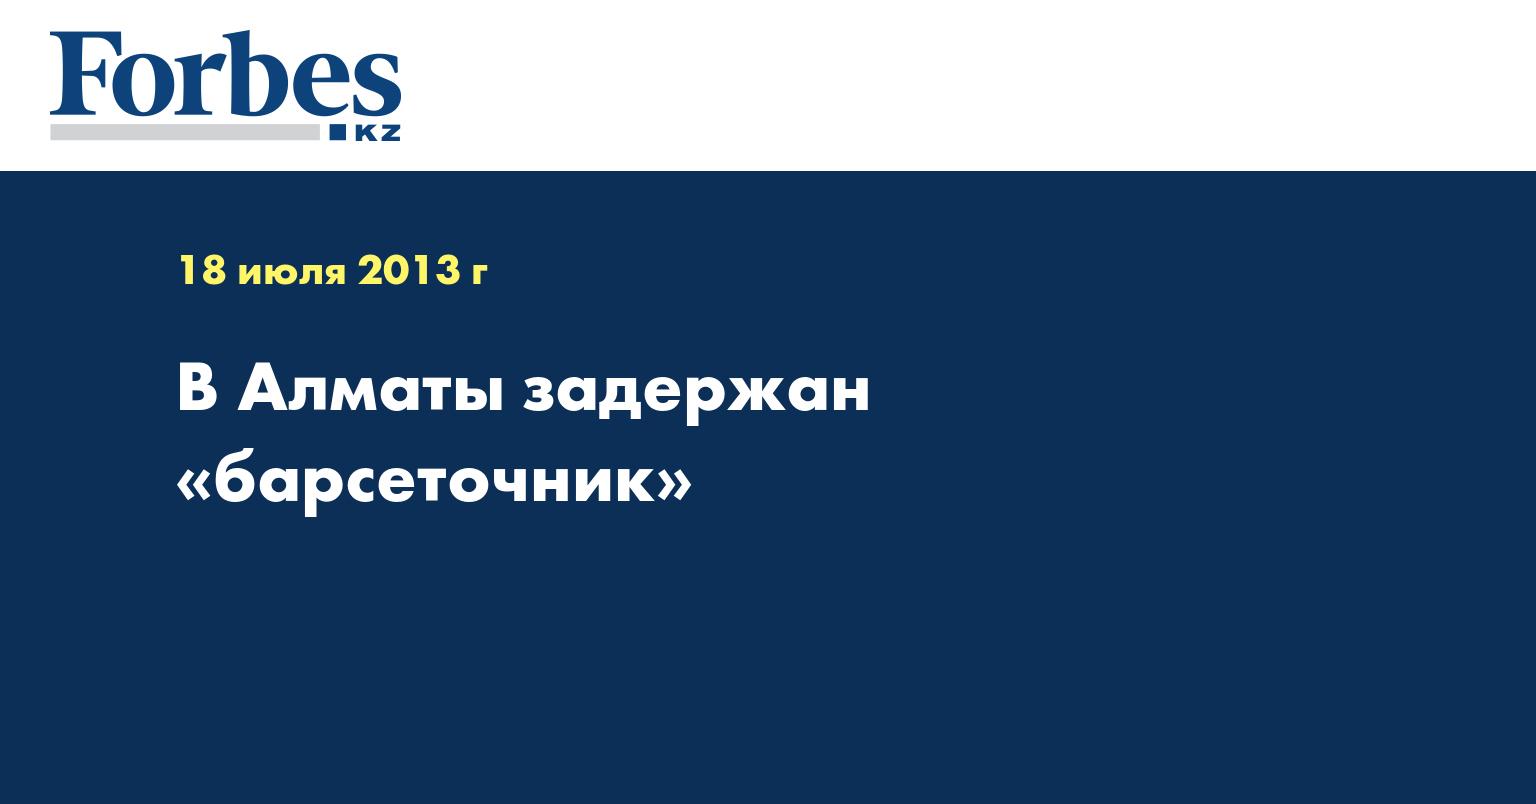 В Алматы задержан «барсеточник»